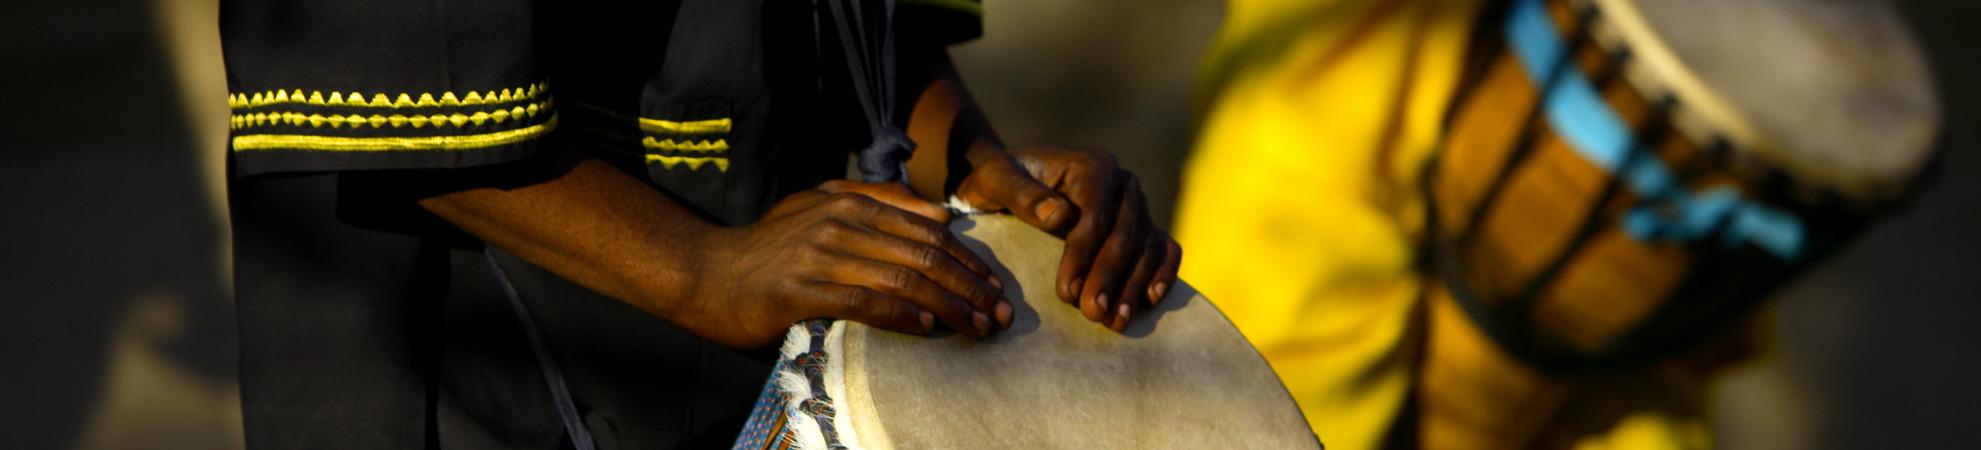 Festivites et jours feries Afrique